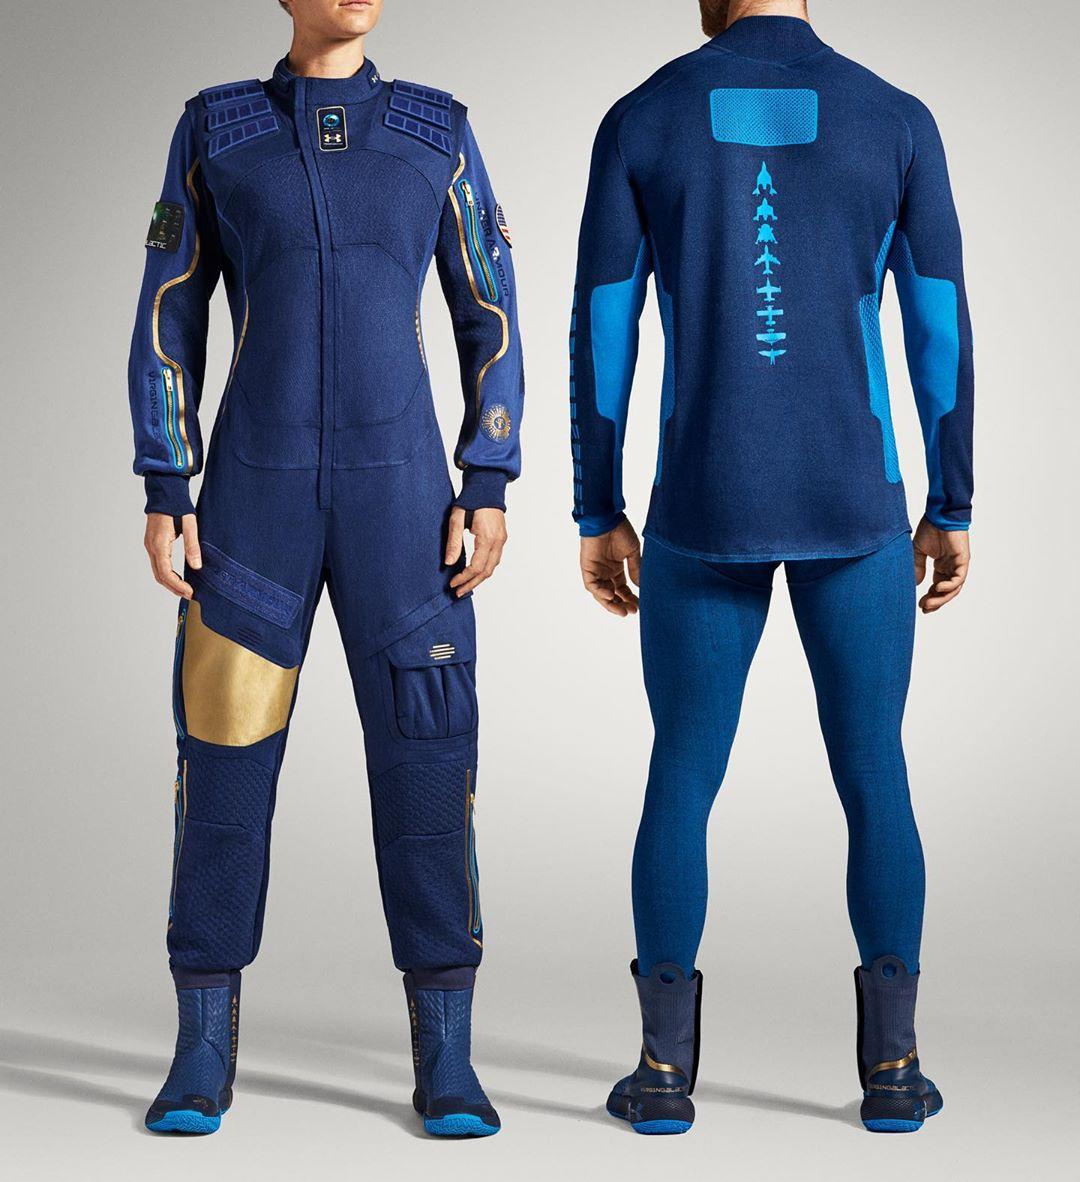 Компания Virgin Galactic представила костюм для первых космических туристов